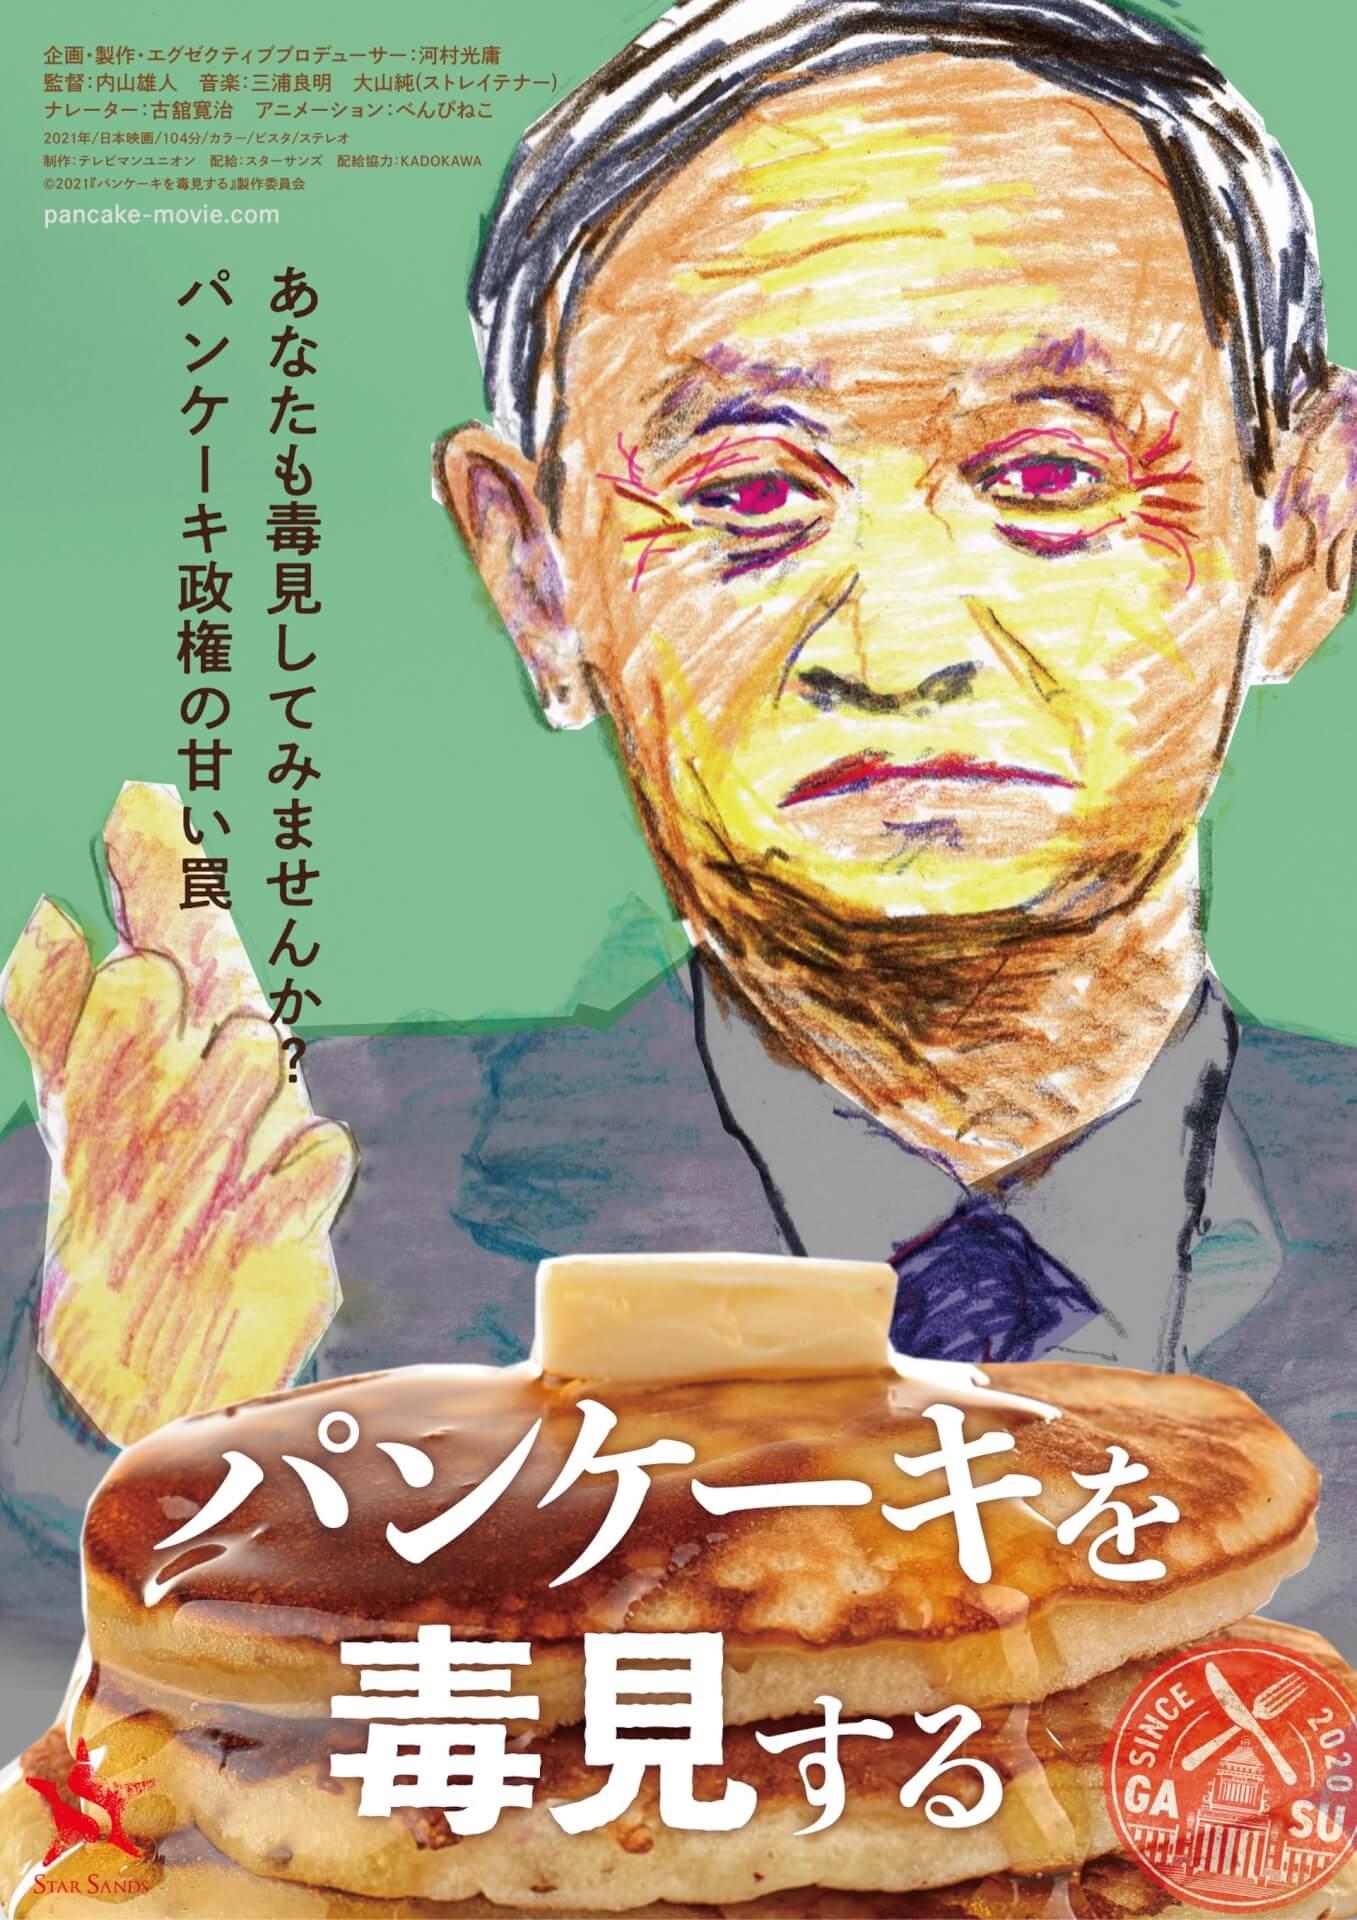 菅首相の素顔に迫る『パンケーキを毒見する』が本日公開!見どころたっぷりの特別映像も解禁 film210730_pancake_2